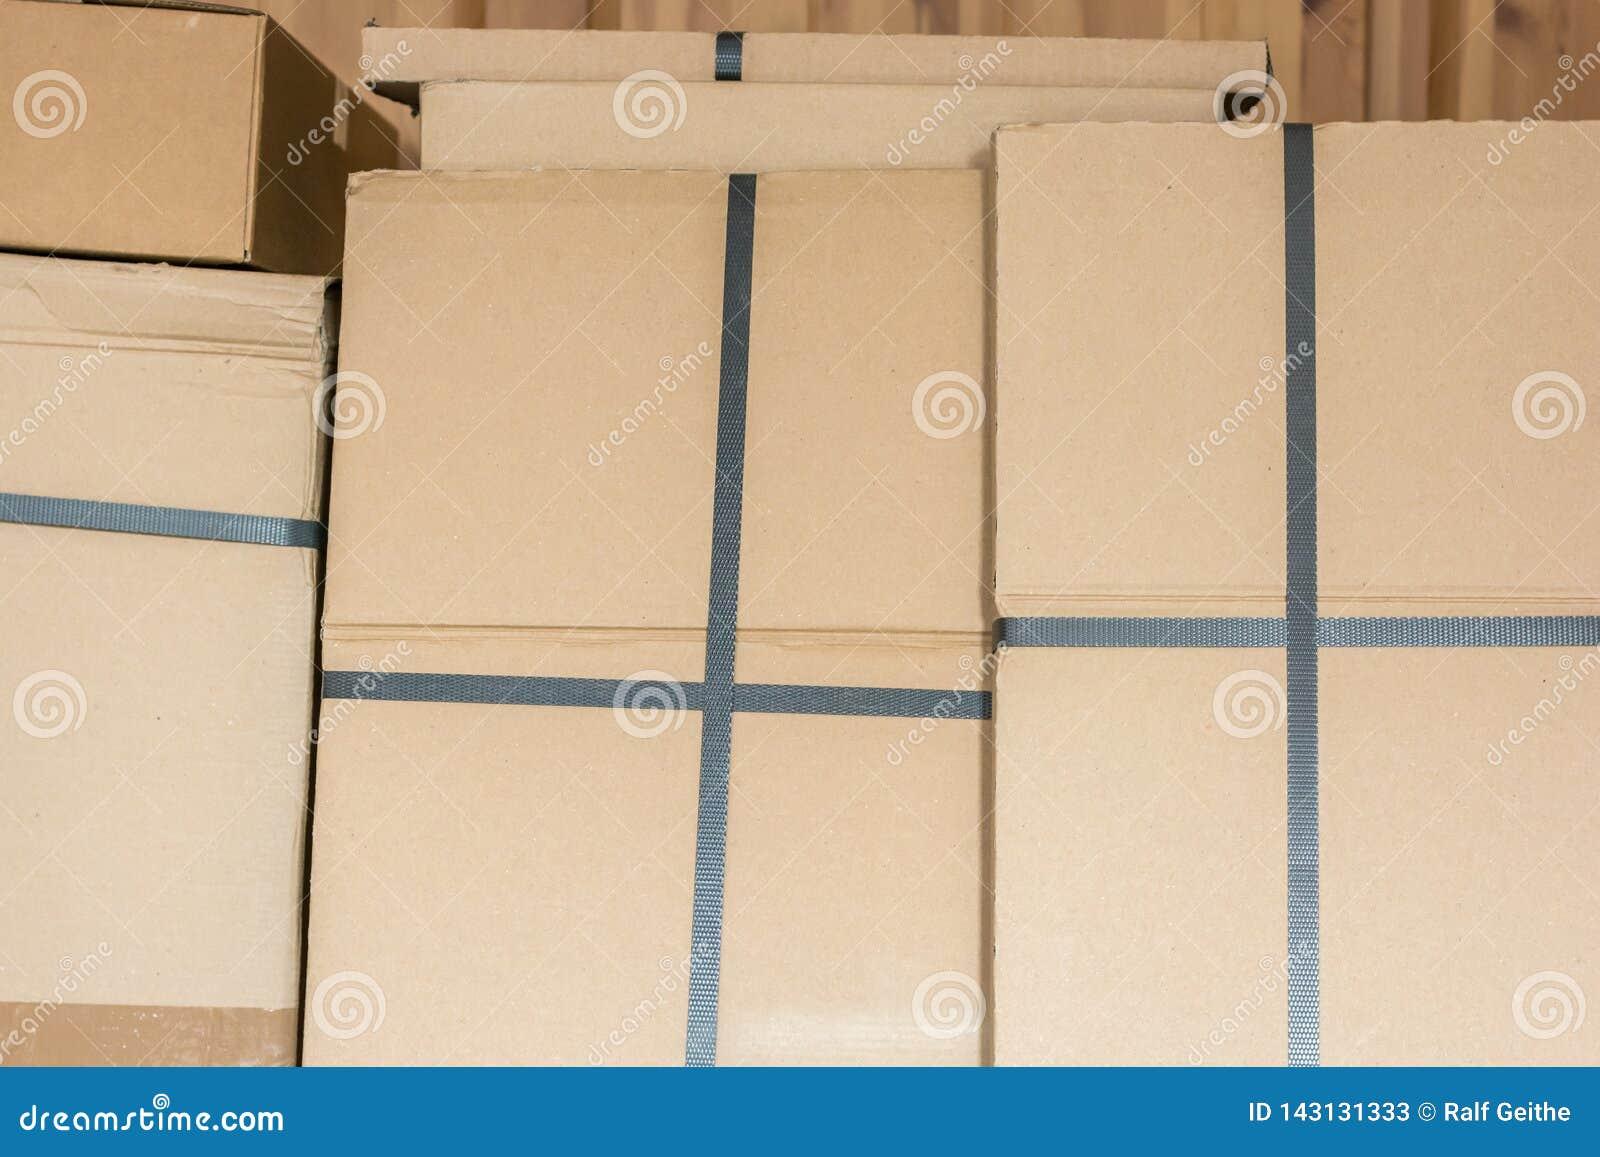 Caixas de cartão empilhadas em um armazém